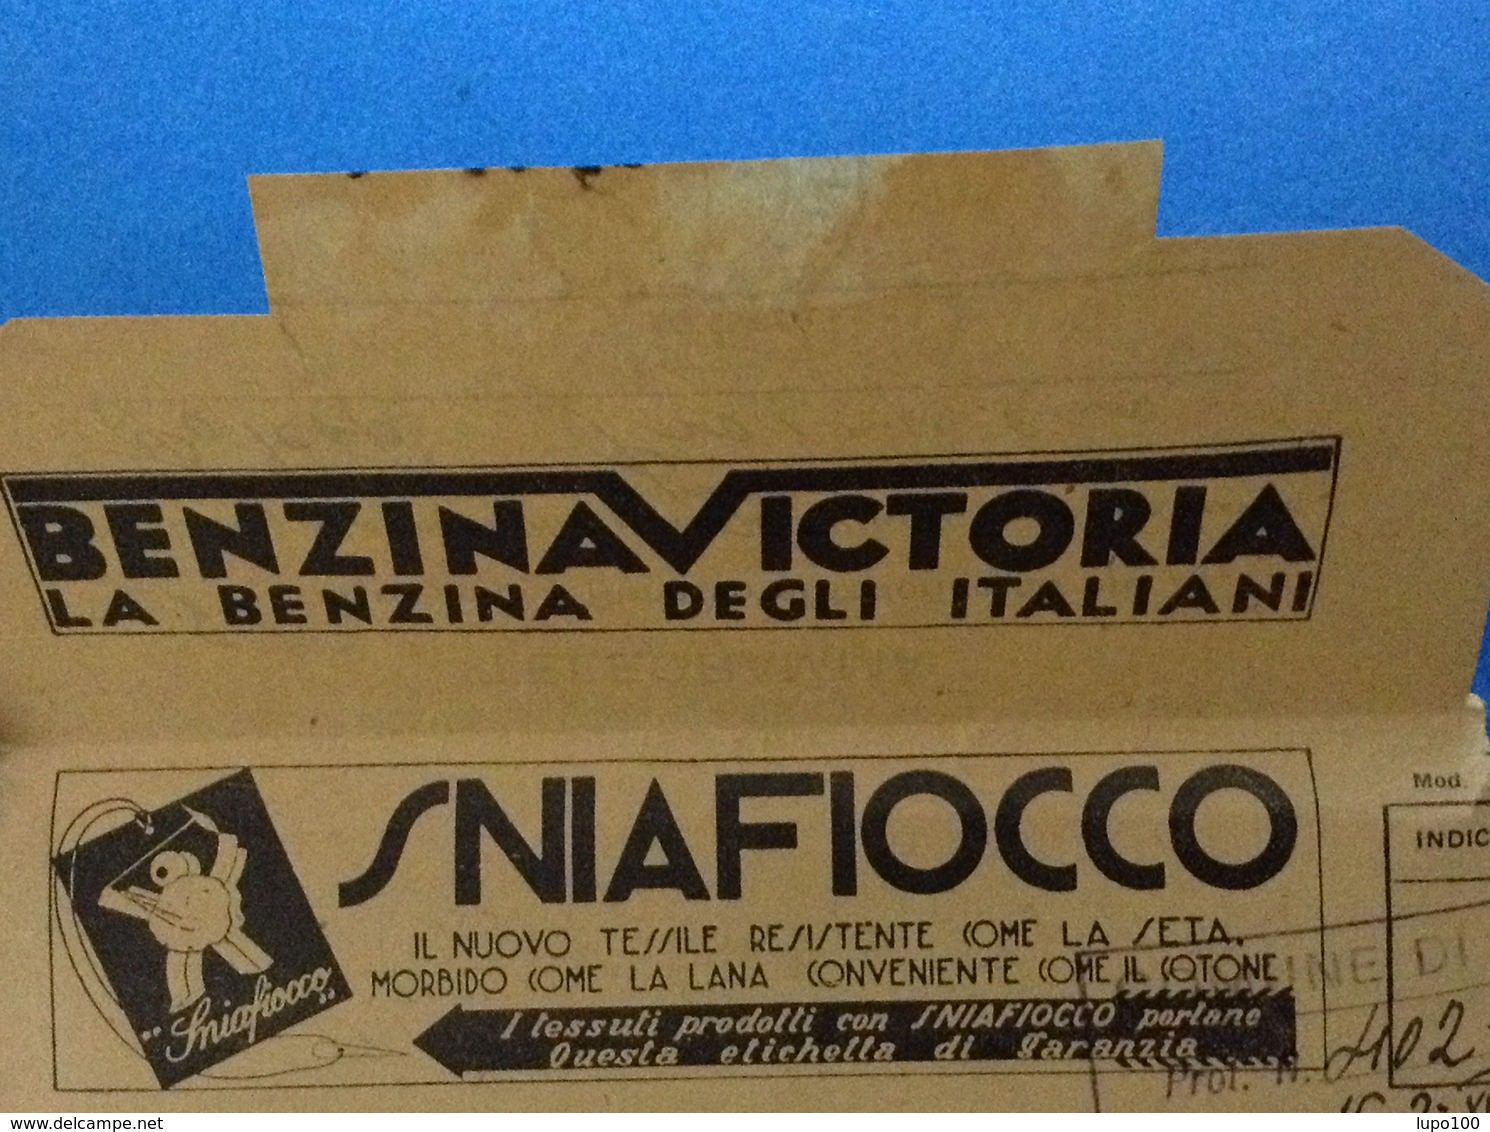 1940 REGNO D'ITALIA TELEGRAMMA PUBBLICITÀ BENZINA VICTORIA FIERA LEVANTE BARI RABARBARO ZUCCA TESSILE SNIAFIOCCO - Pubblicitari